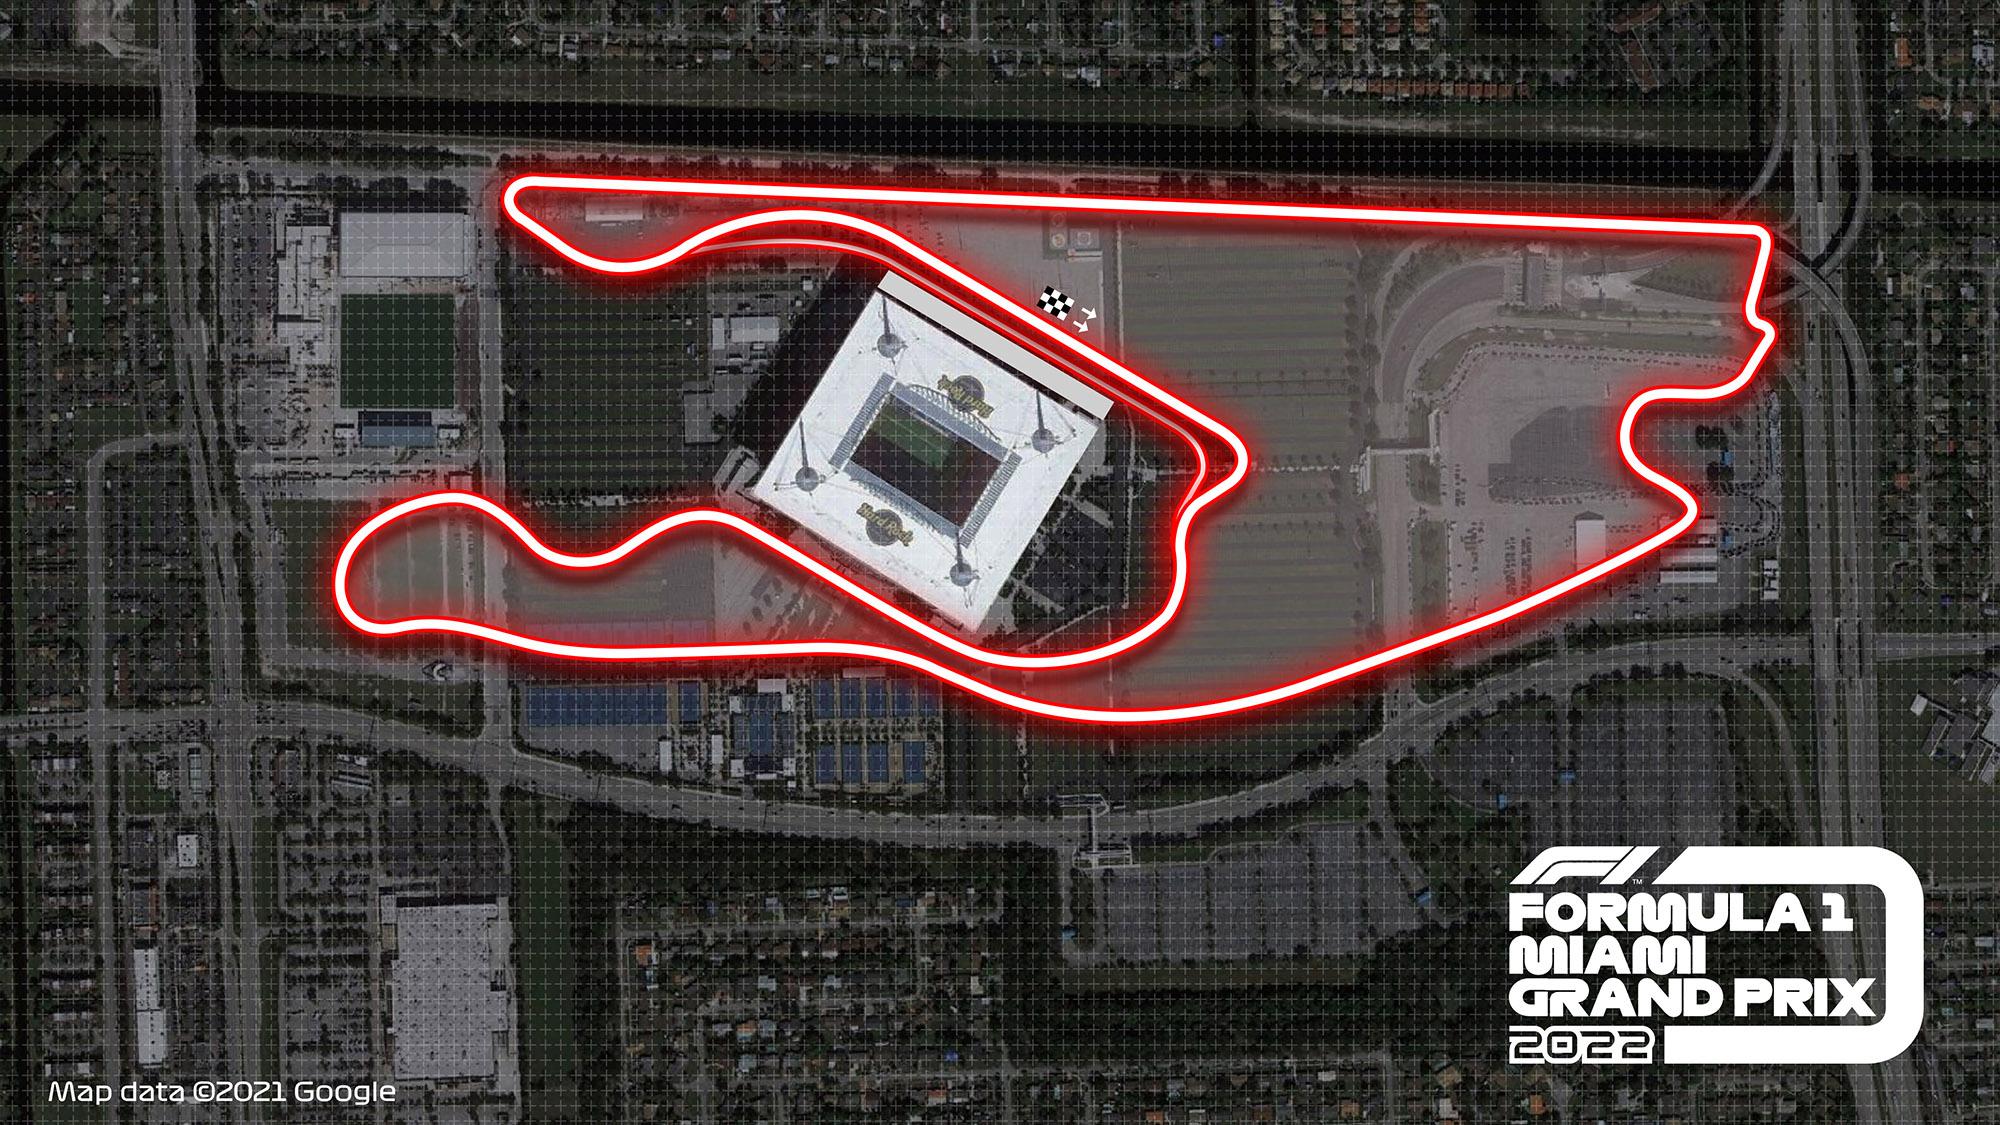 Miami grand prix layout